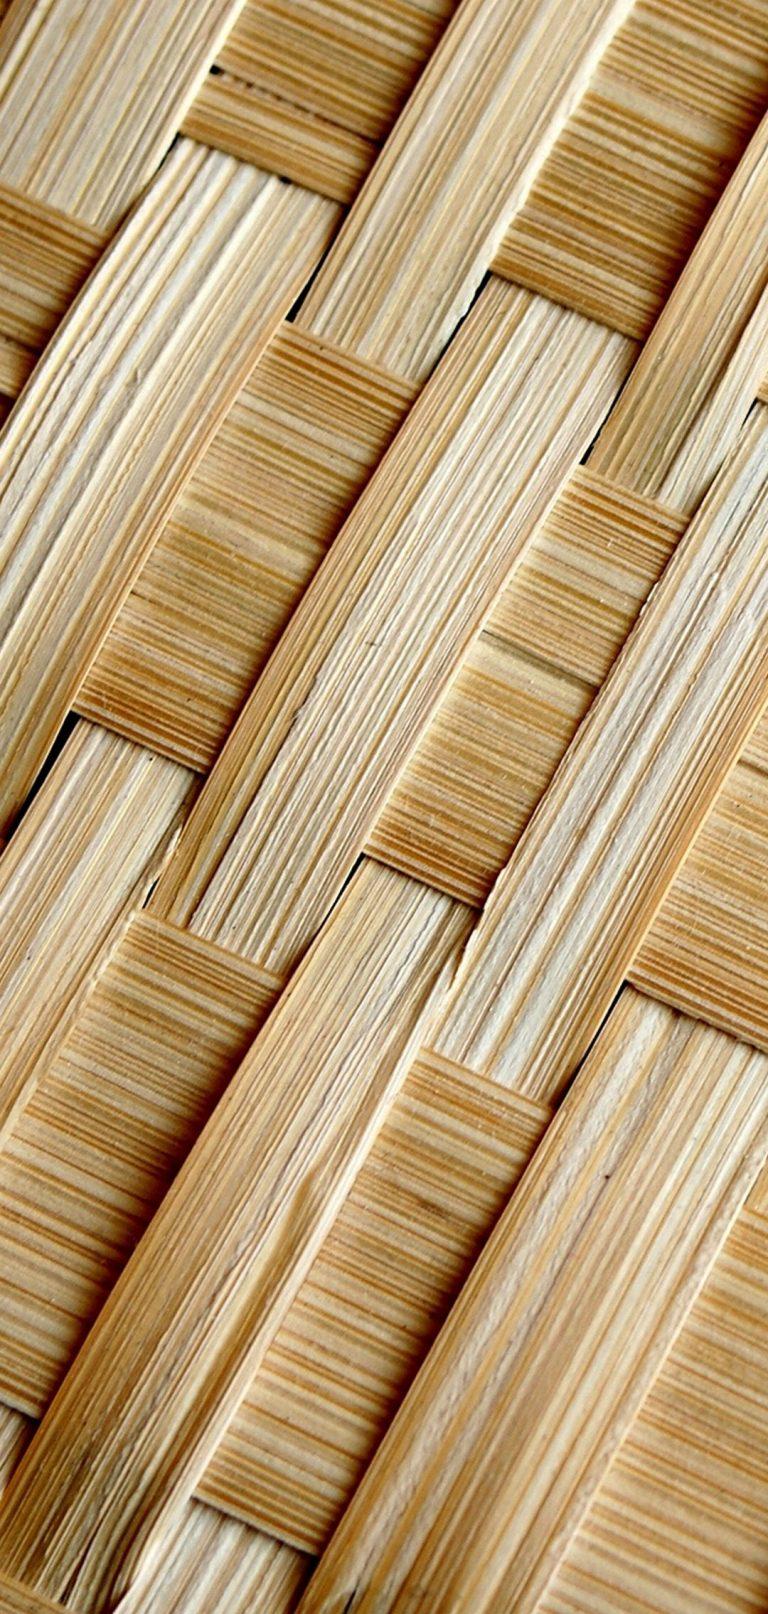 Texture Wicker Wood 1080x2270 768x1614